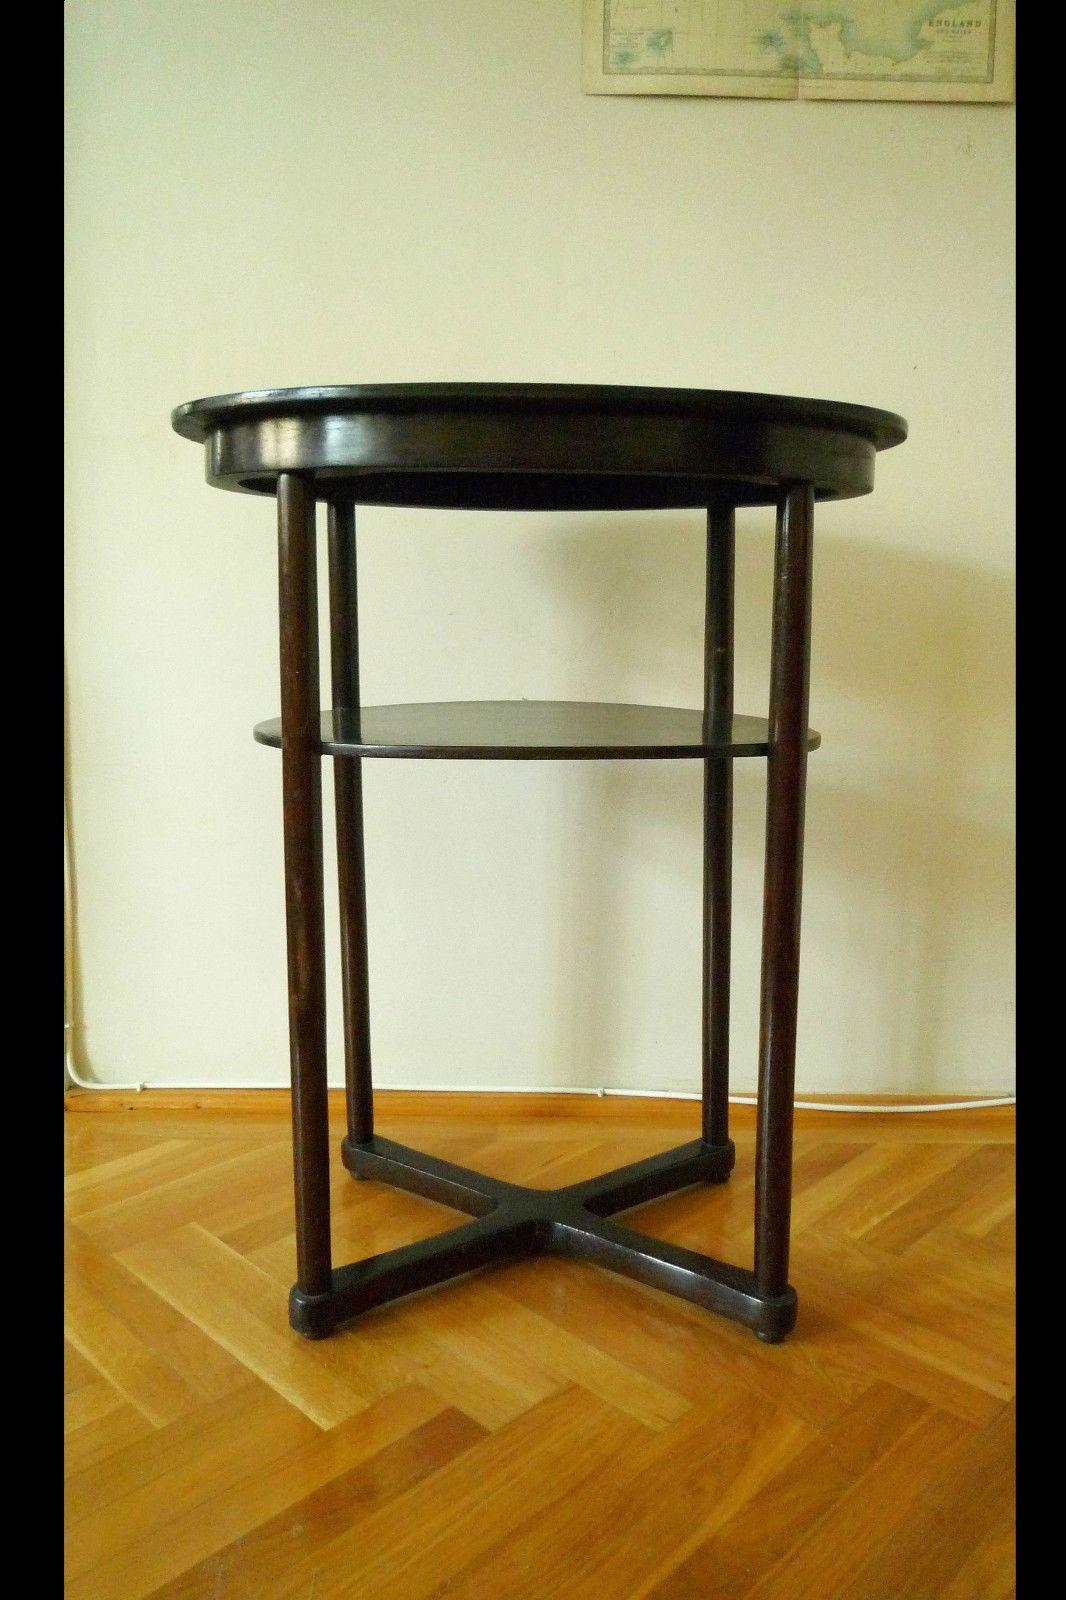 antiker Josef Hoffmann ovaler Tisch Beistelltisch Thonet Mundus Bugholztisch | eBay